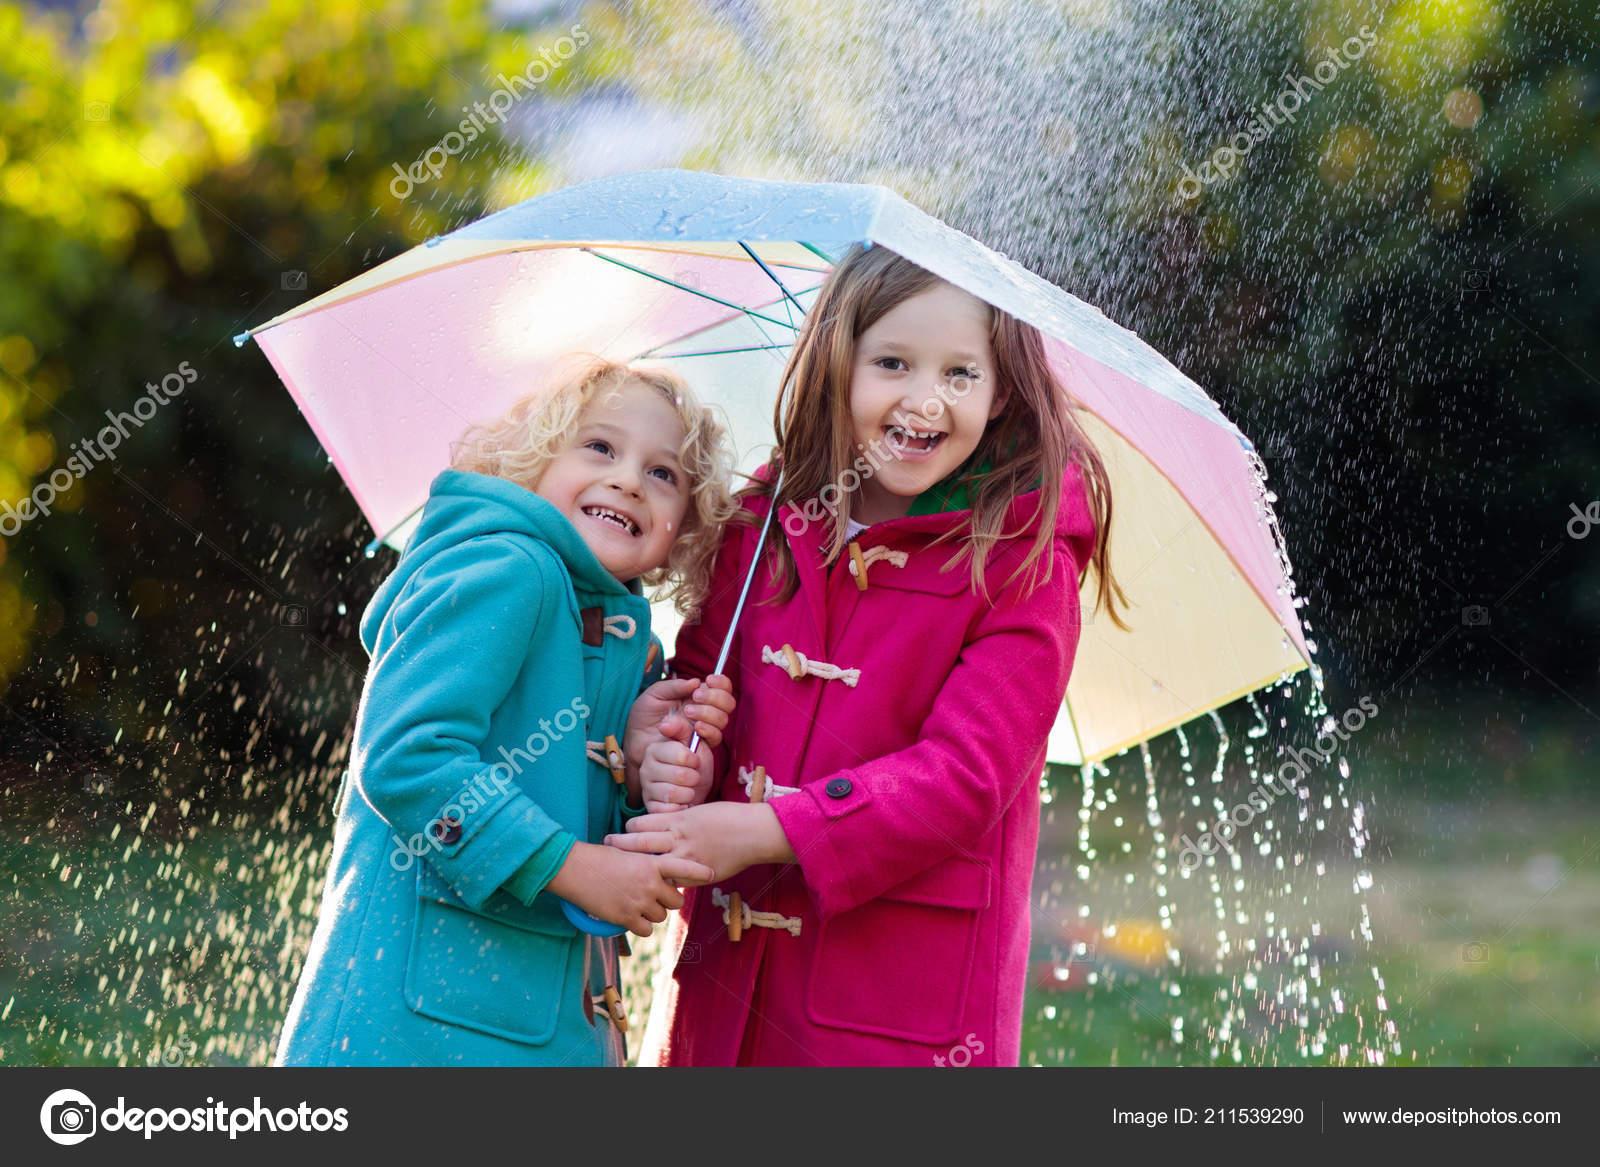 a3db923b370 Děti s Barevný deštník v podzimní déšť sprcha. Malý chlapec a dívka v teplá  vlněná látka kabát hrát v parku deštivé počasí. Na podzim venkovní zábava  pro ...